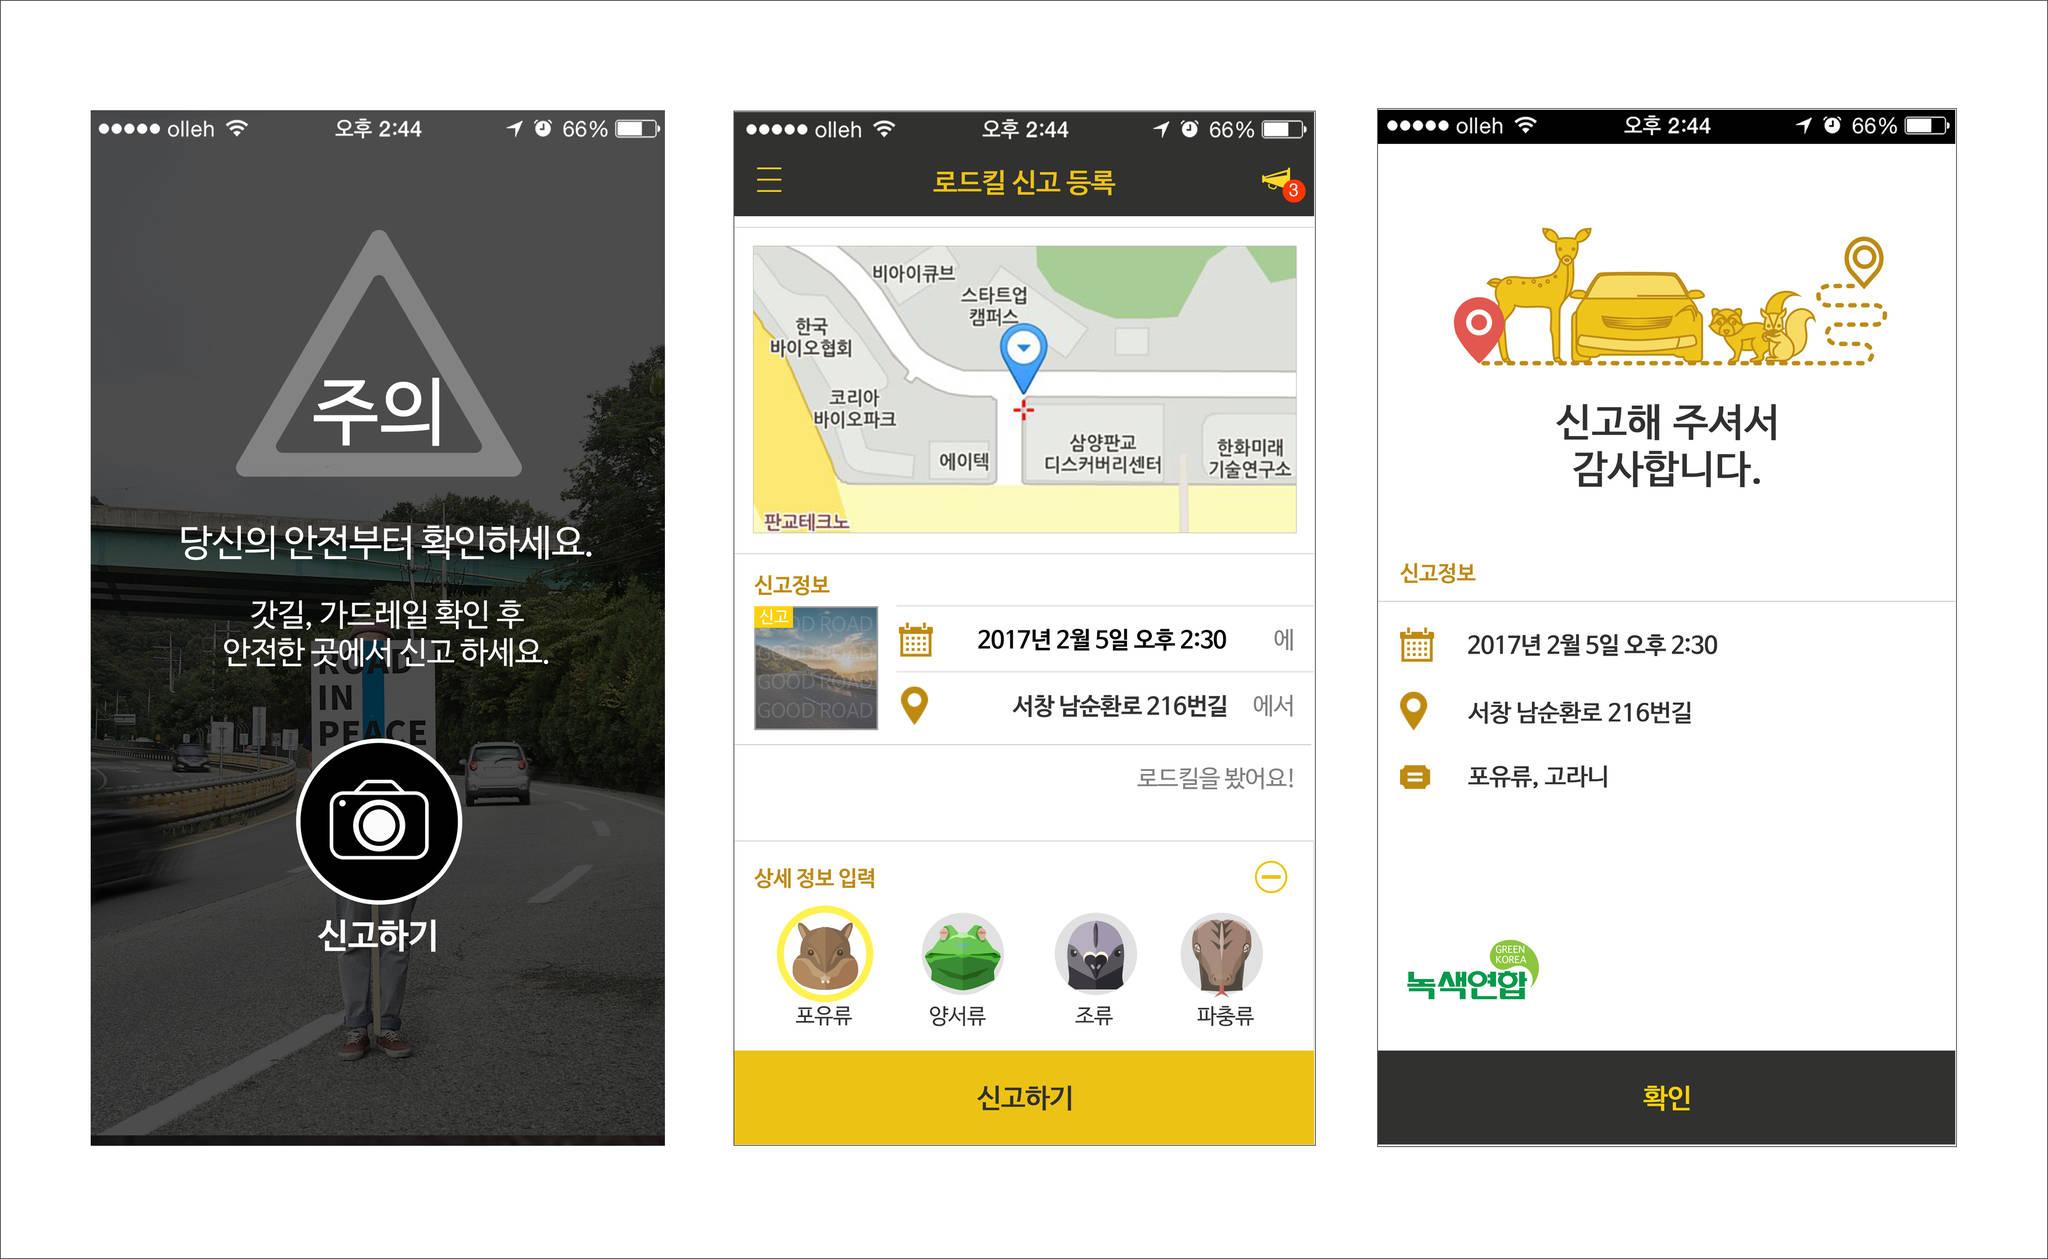 녹색연합이 개발한 로드킬 방지 앱 [중앙포토]